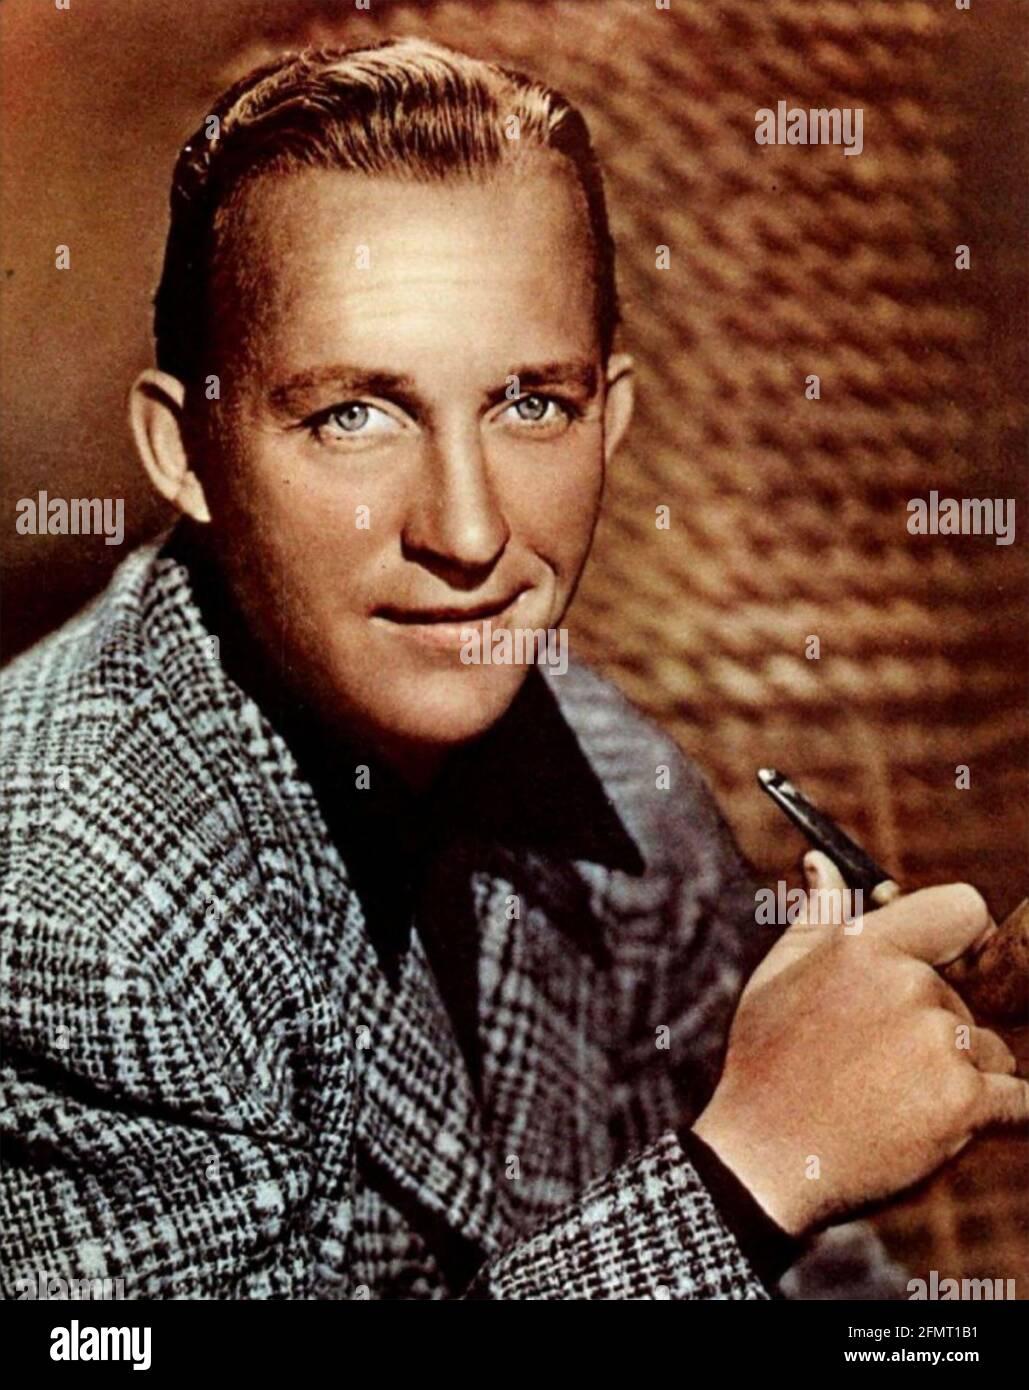 BING CROSBY (1903-1977) American, cantante y actor de cine alrededor de 1950 Foto de stock